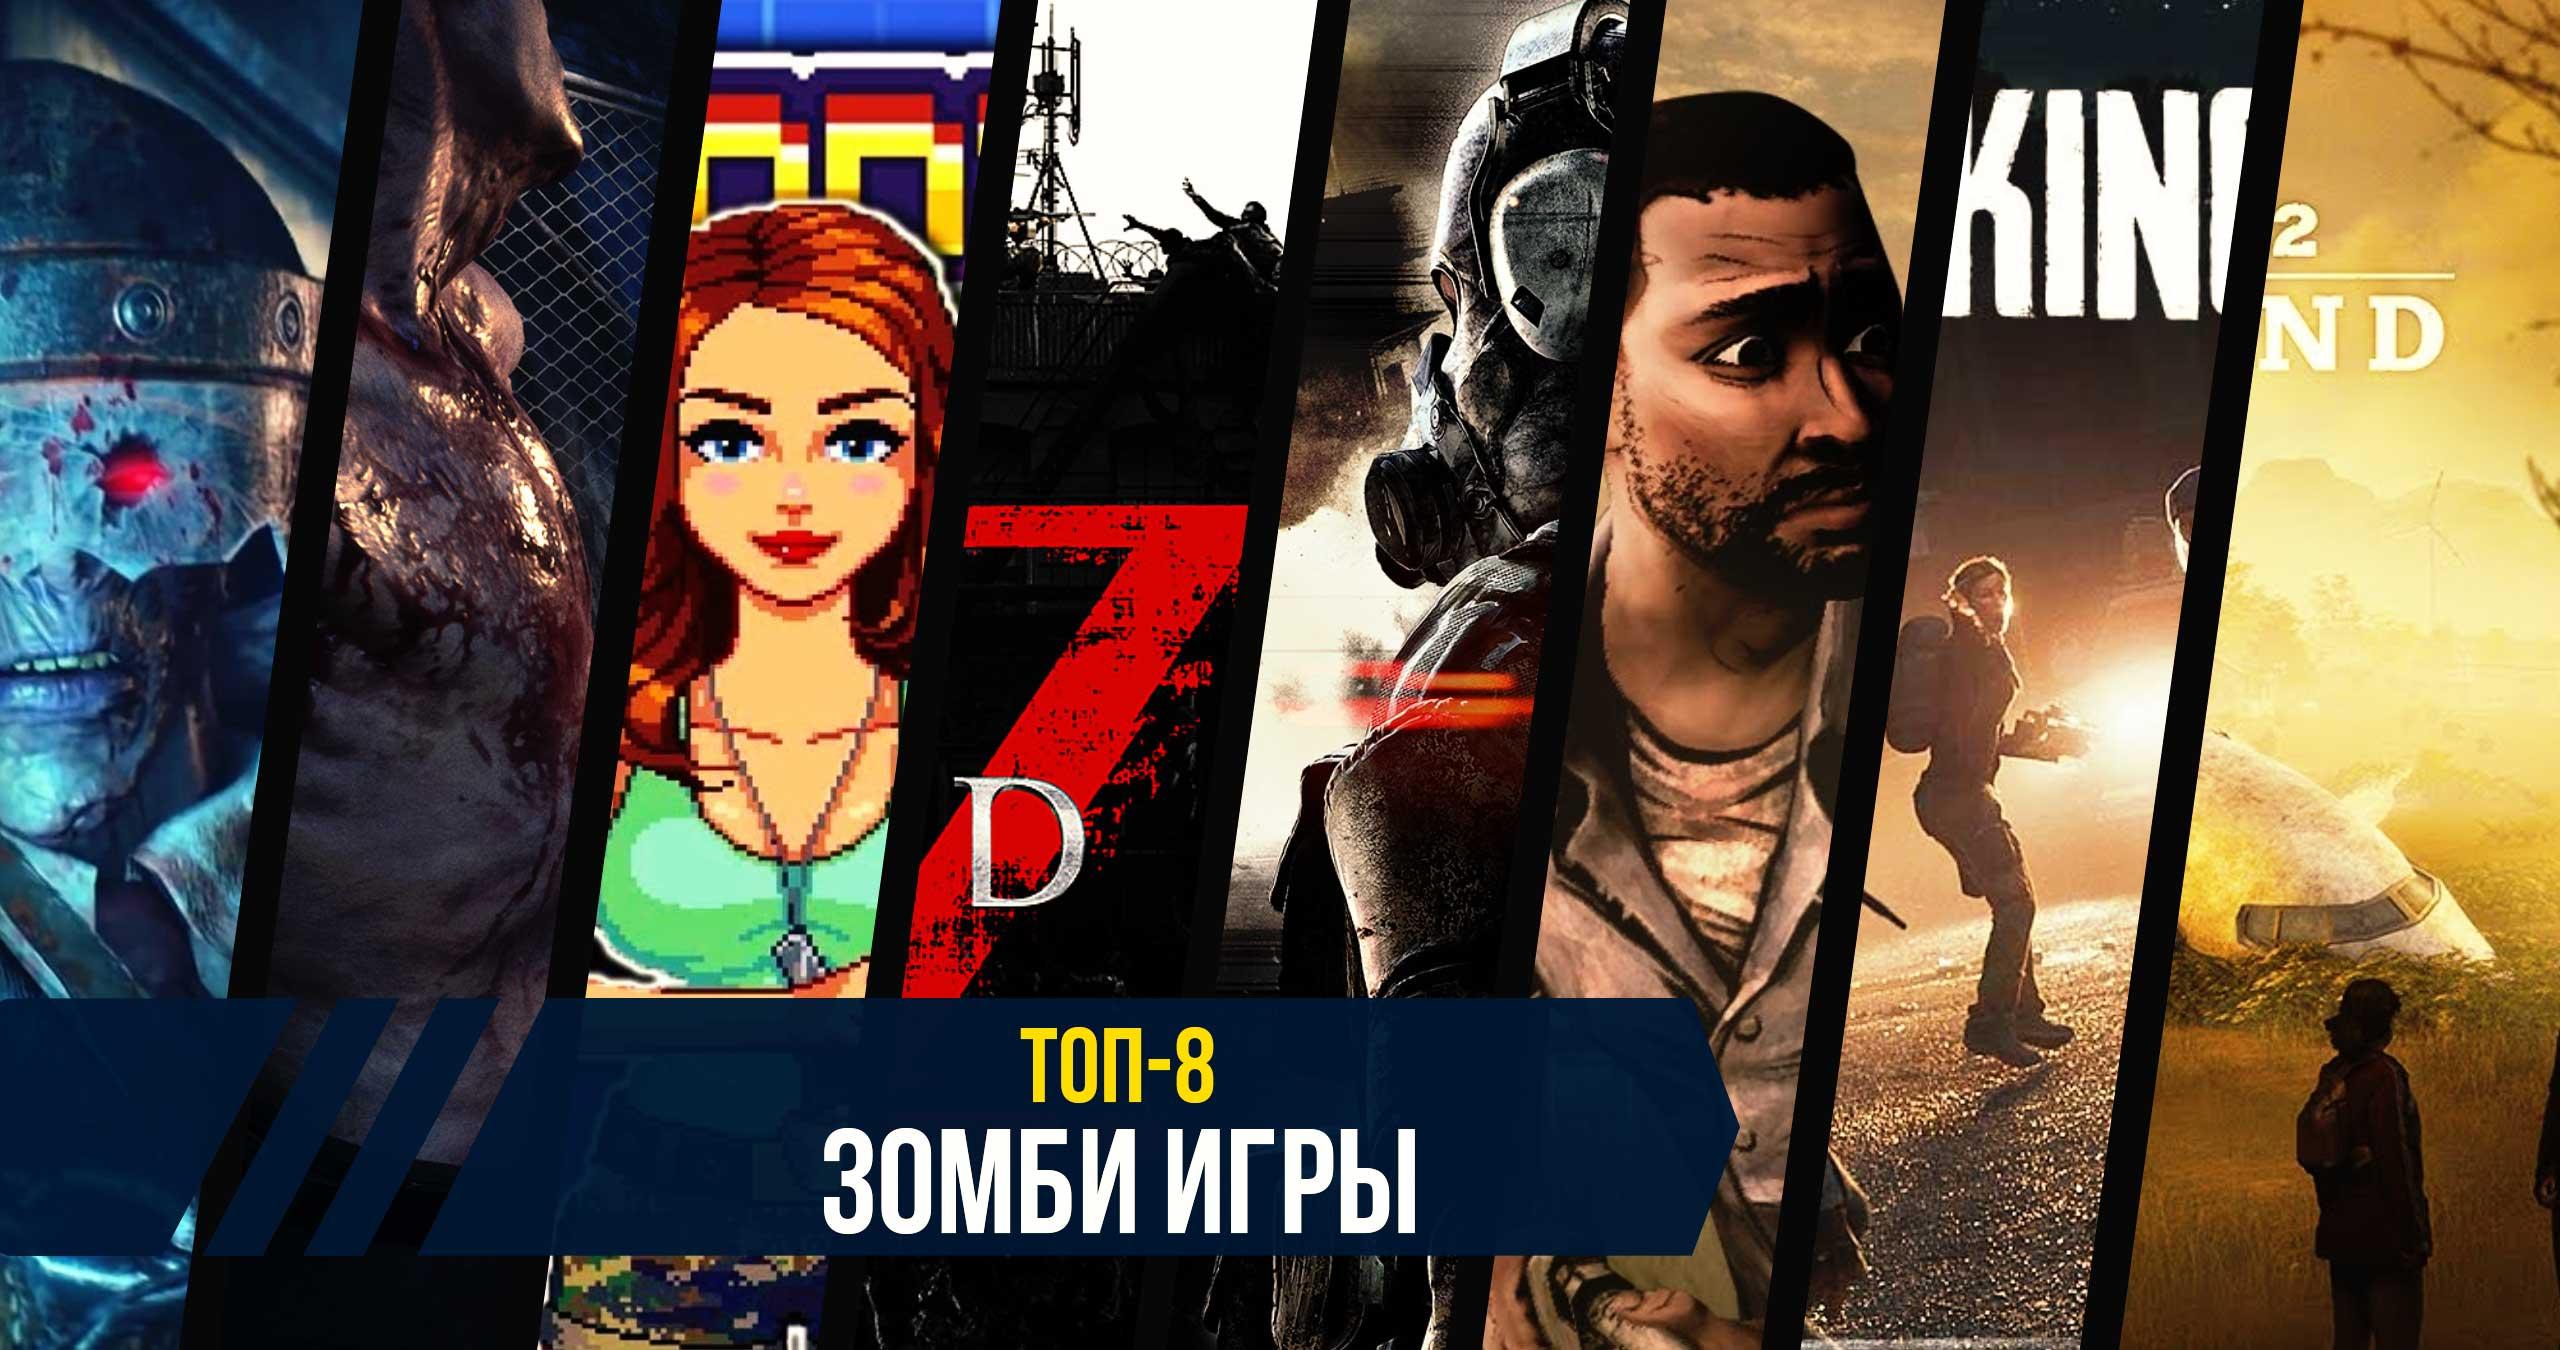 ТОП-8 игр про зомби 2018 года